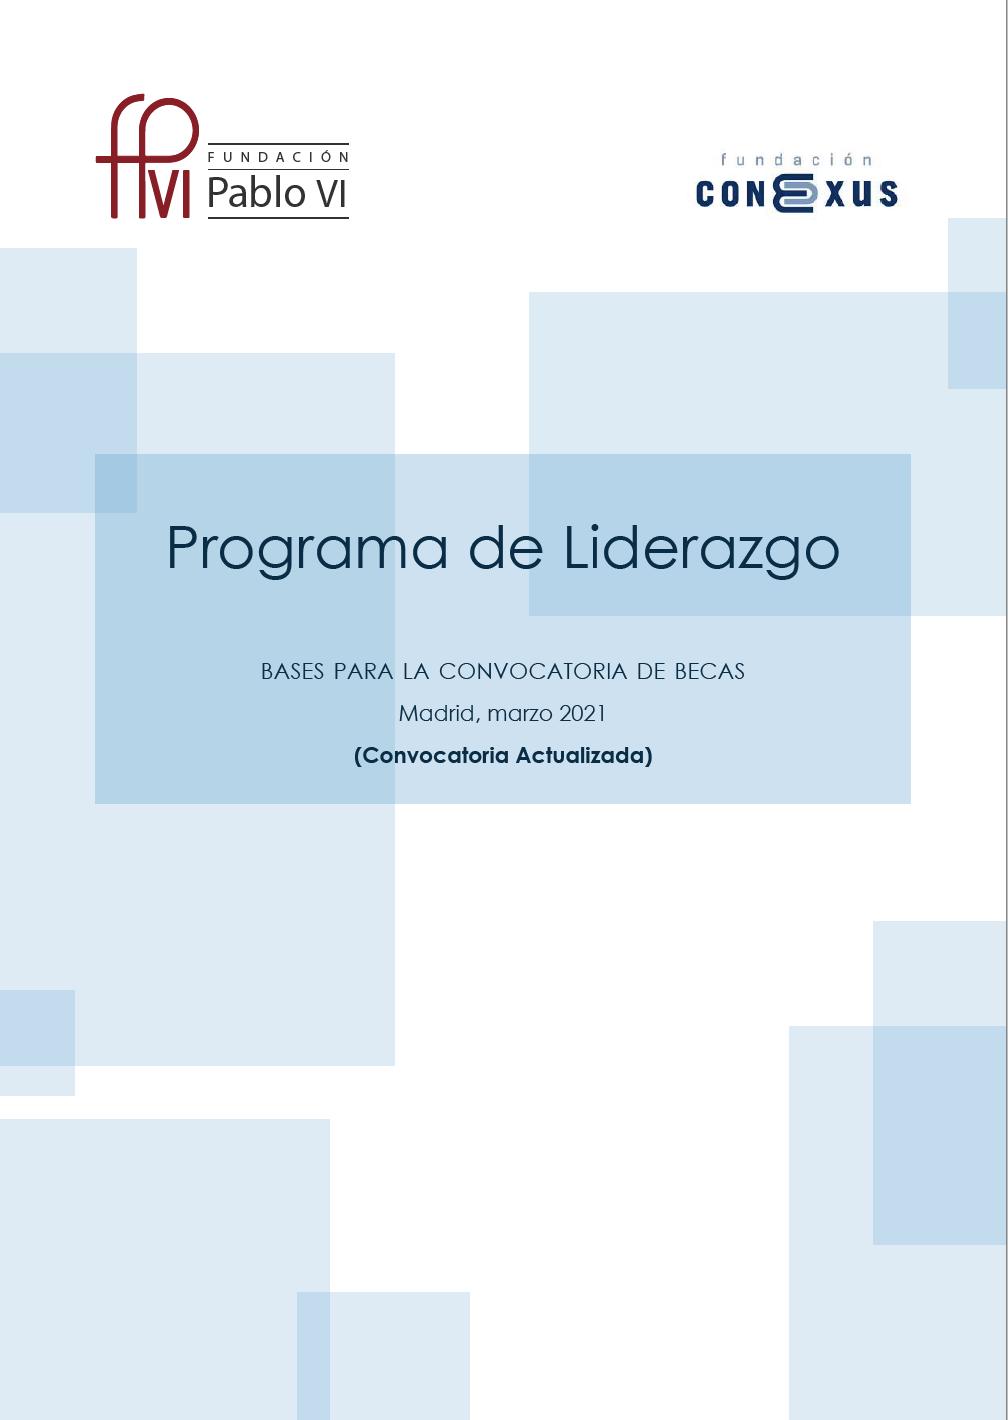 2021 Programa de Liderazgo para jóvenes de la Fundación Conexus y la Fundación Pablo VI (CONVOCATORIA ACTUALIZADA)